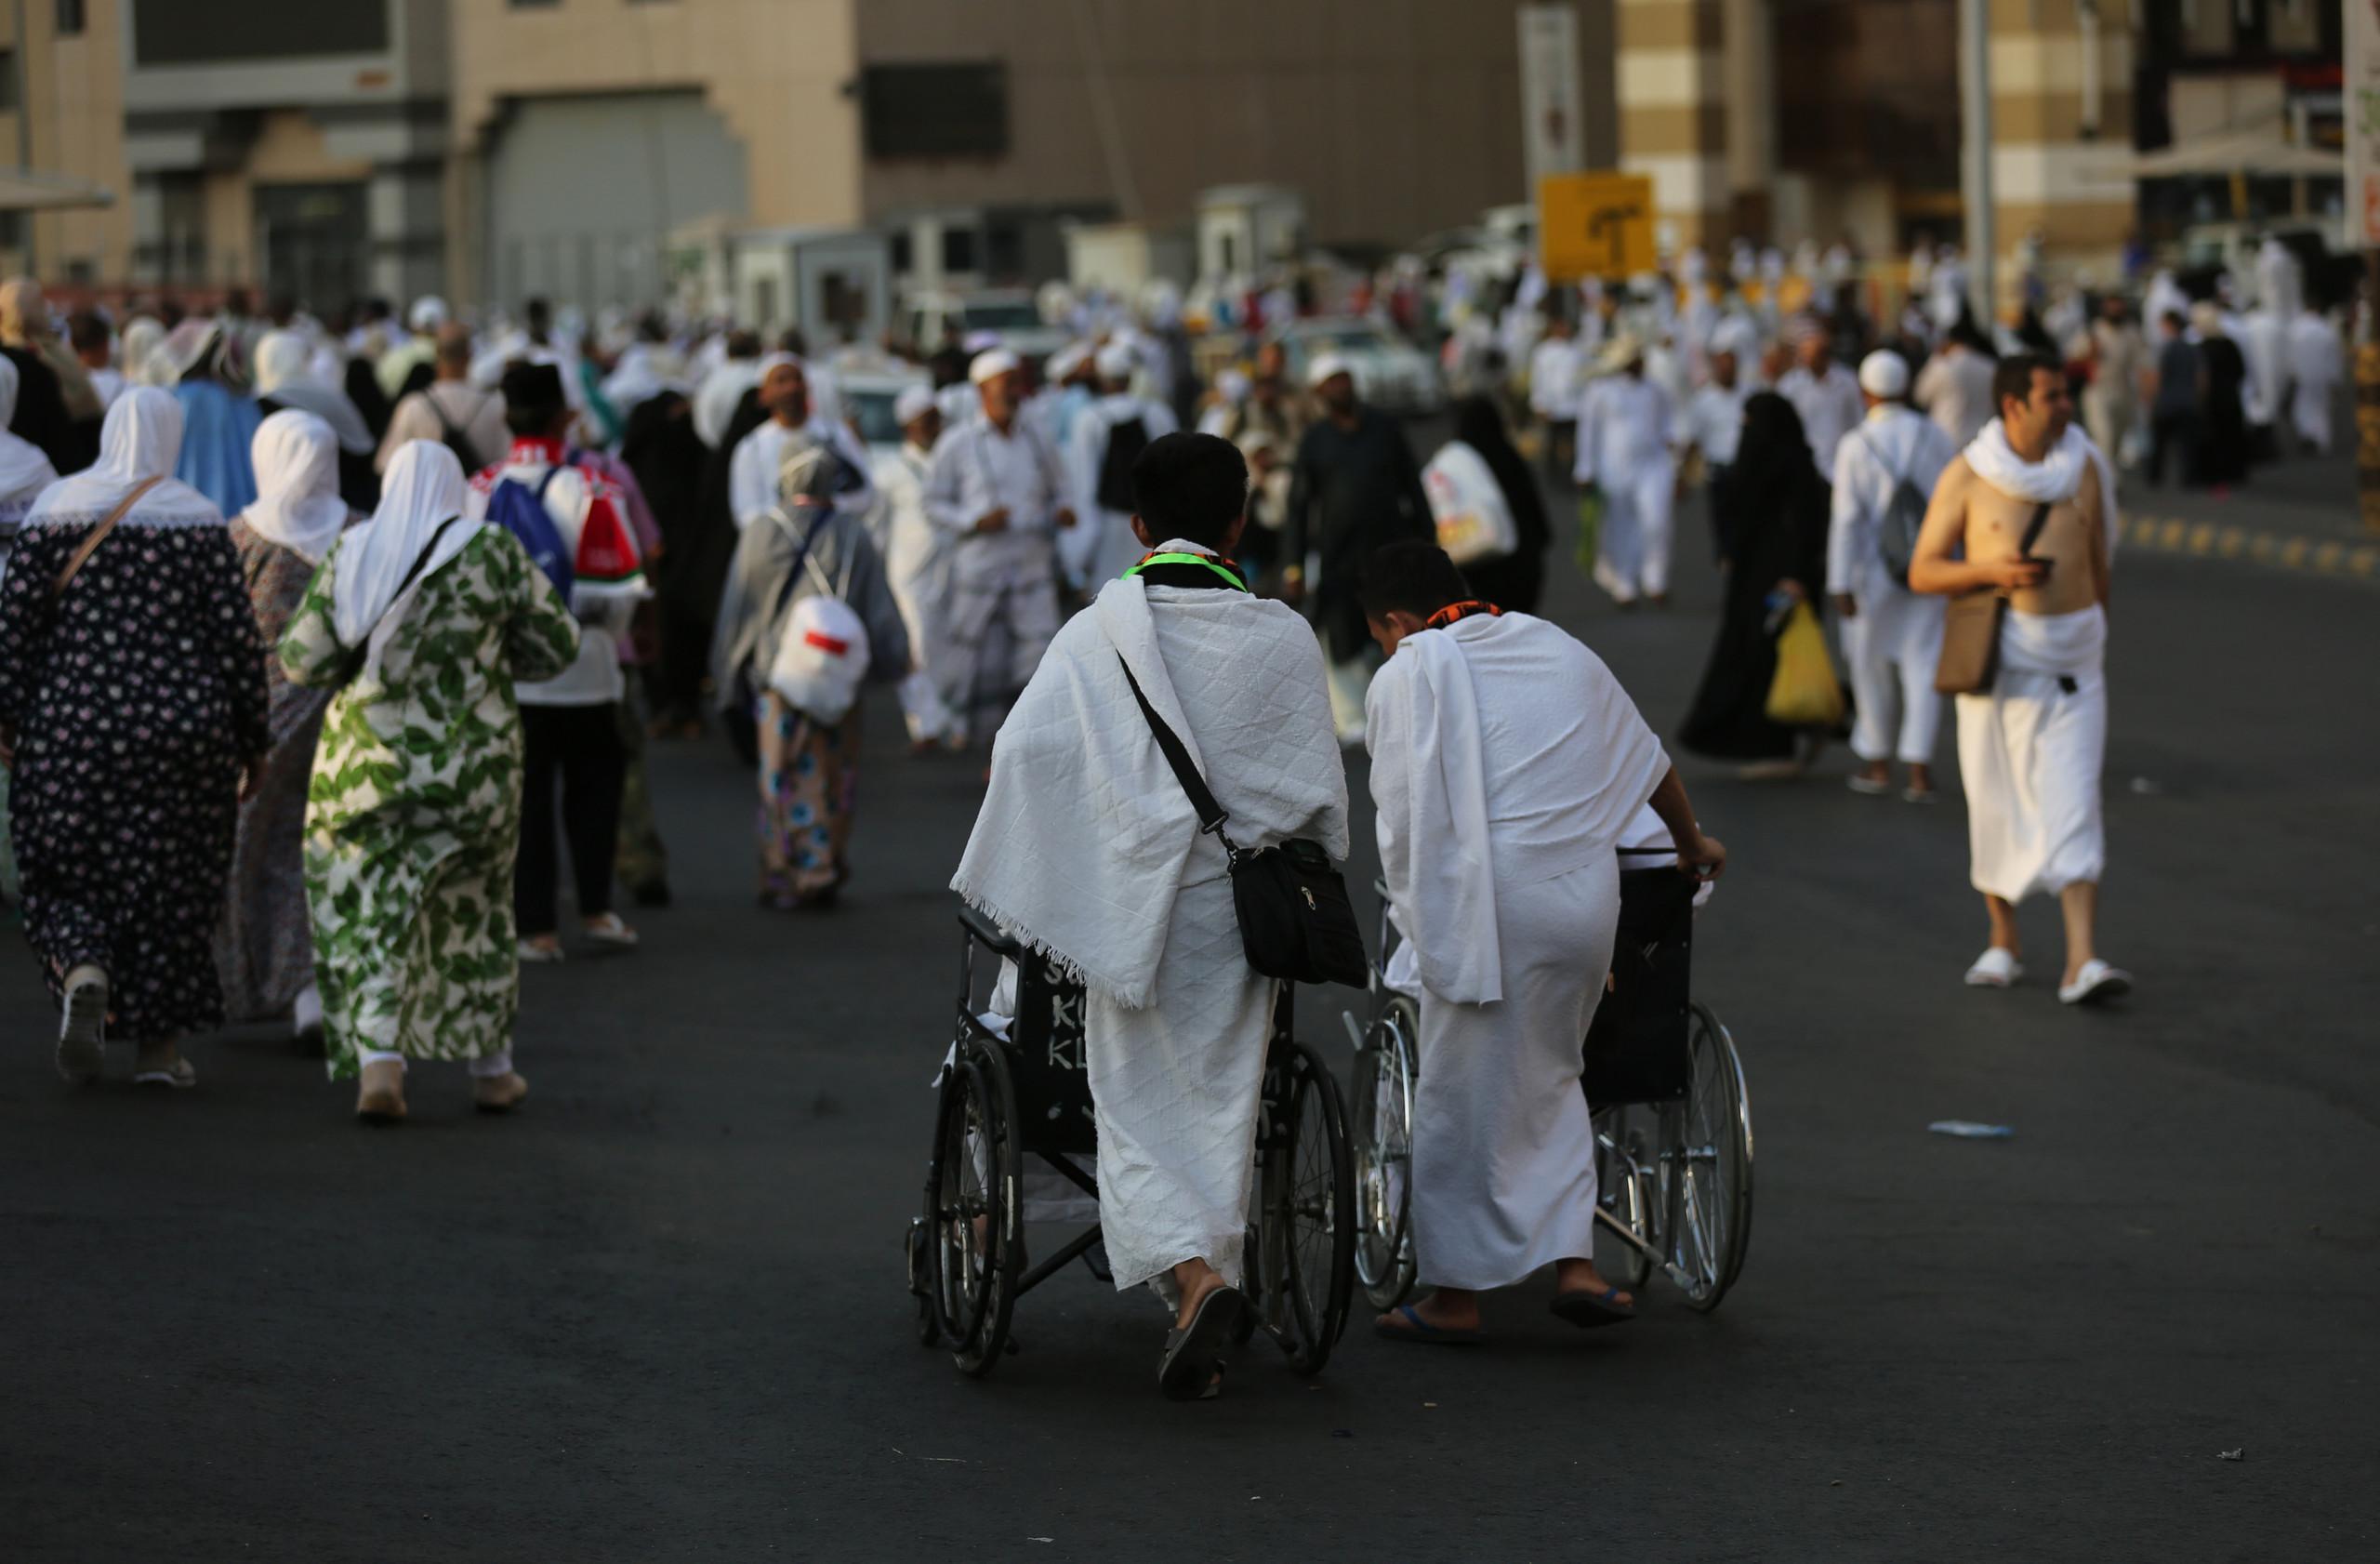 صورة 2 مليون حاج يتوافدون على مشعر منى قبل التوجه لصعيد عرفات